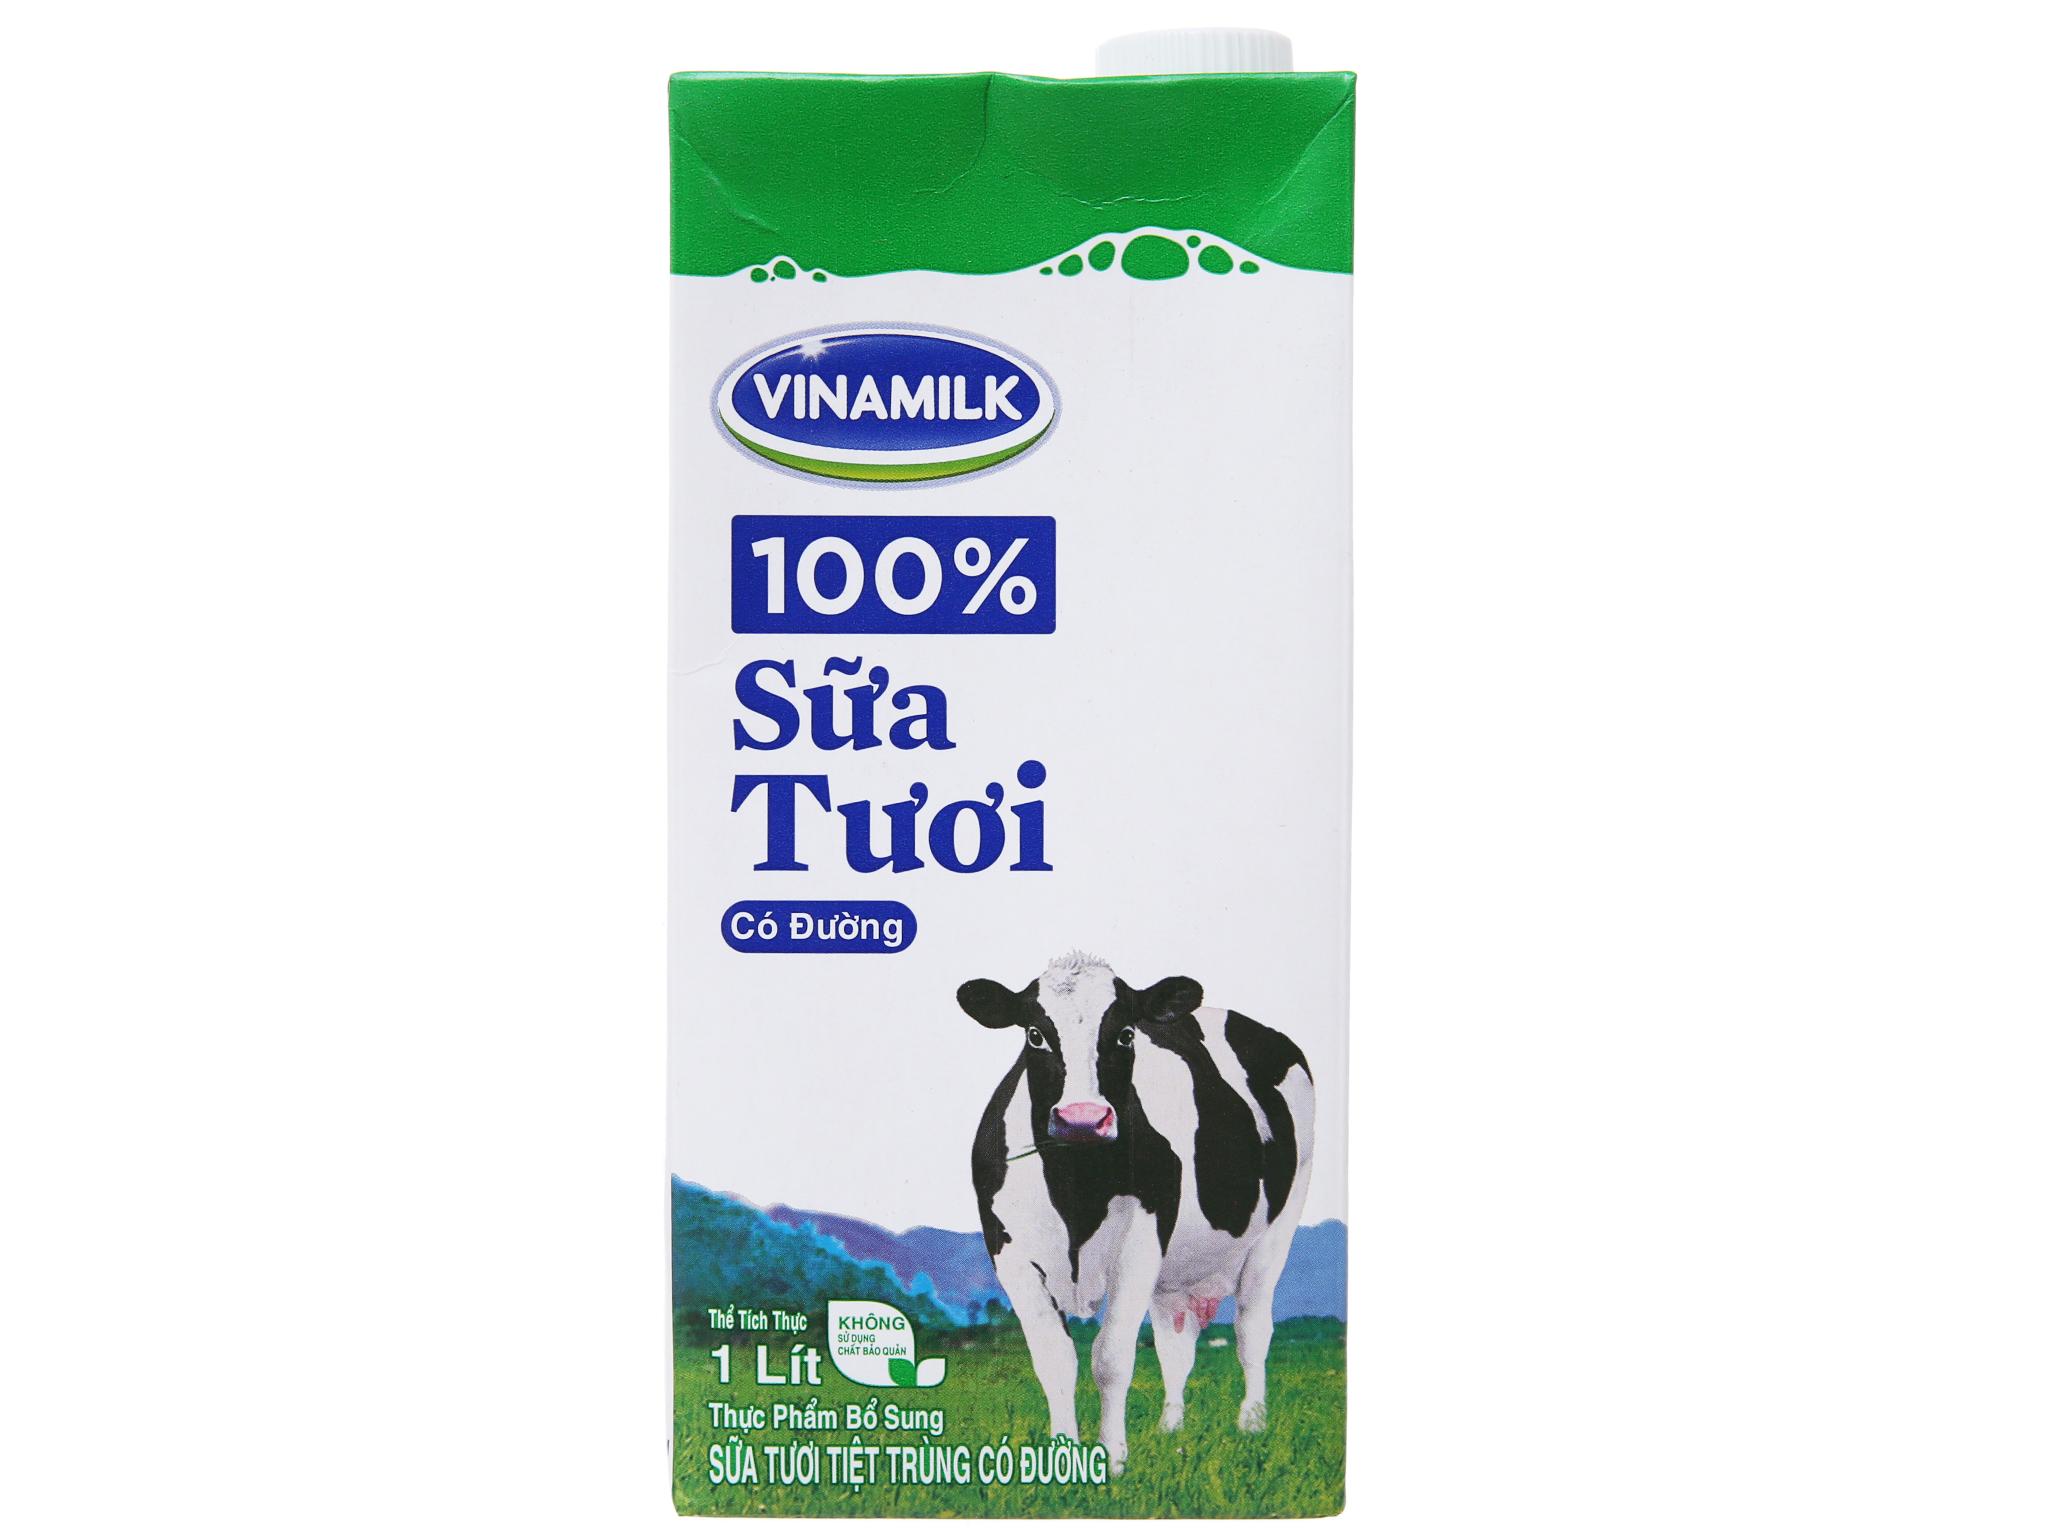 Sữa tươi tiệt trùng Vinamilk 100% Sữa Tươi có đường hộp 1 lít 2